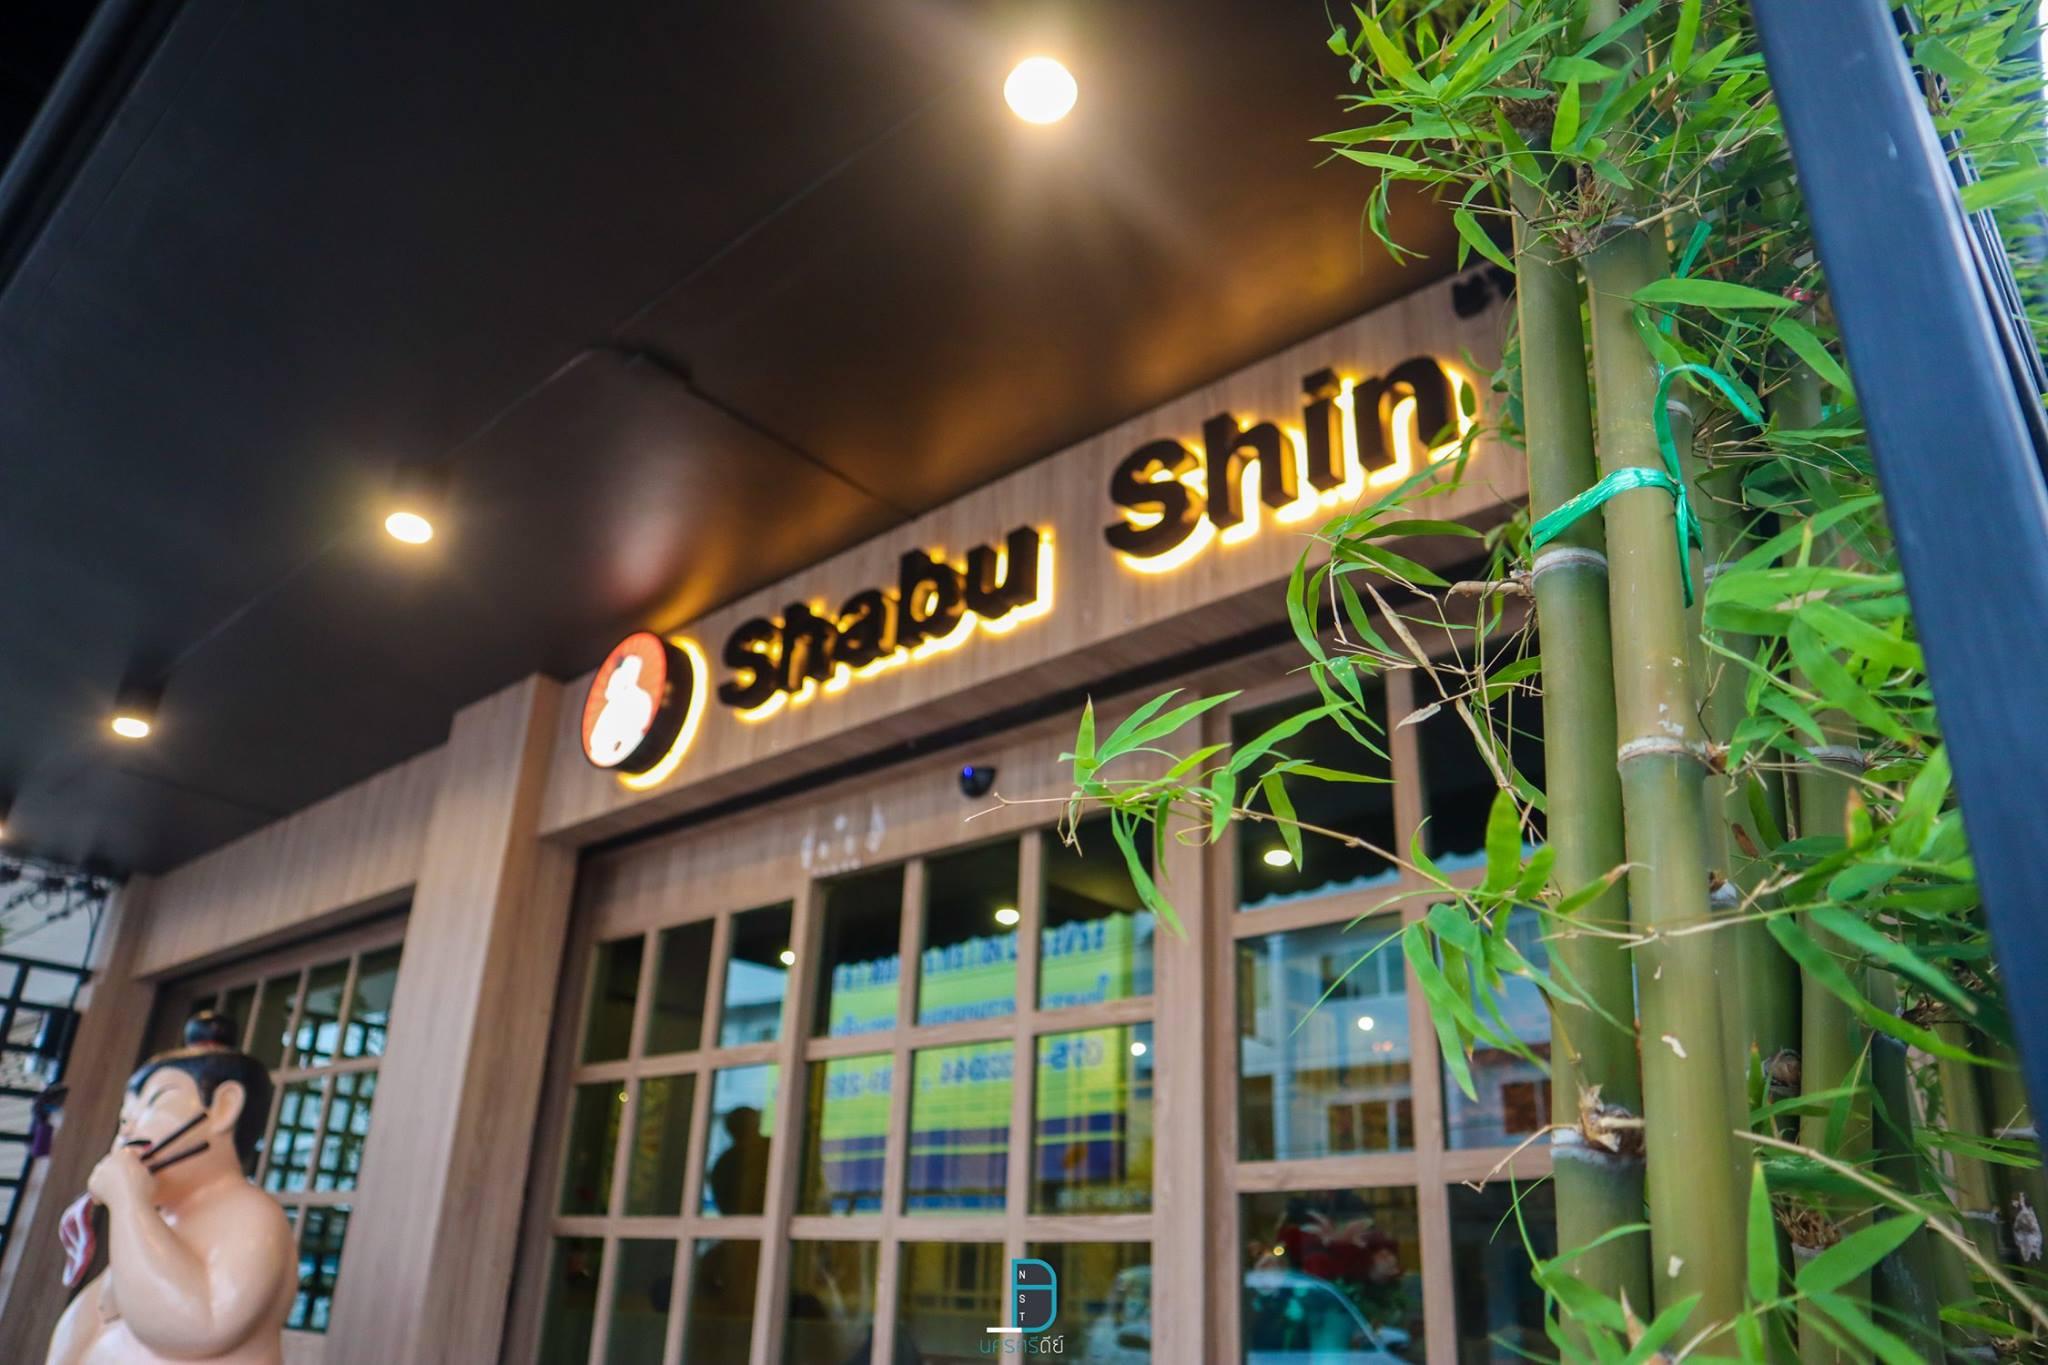 ต่อกันที่ร้านชาบูสวยๆ-เพิ่งเปิดใหม่-แถมมีที่นั่งให้-2-ชั้นด้วย----Shabu-Shin-ร้านนี้อย่างที่บอกความพิเศษนอกจากจะวัตถุดิบและน้ำจิ้มอร่อยแล้ว-ก็มีห้องให้นั่งชั้น-2-สำหรับมากันเป็นกรุ๊ปที่ต้องการความเป็นส่วนตัวด้วยนะเออ-ขอบอกว่าสุดยอดจริงๆครับ ที่กิน,ที่เที่ยว,นครศรีธรรมราช,เมืองคอน,2018,BunprasopGardenHotel,นครศรี,อำเภอเมือง